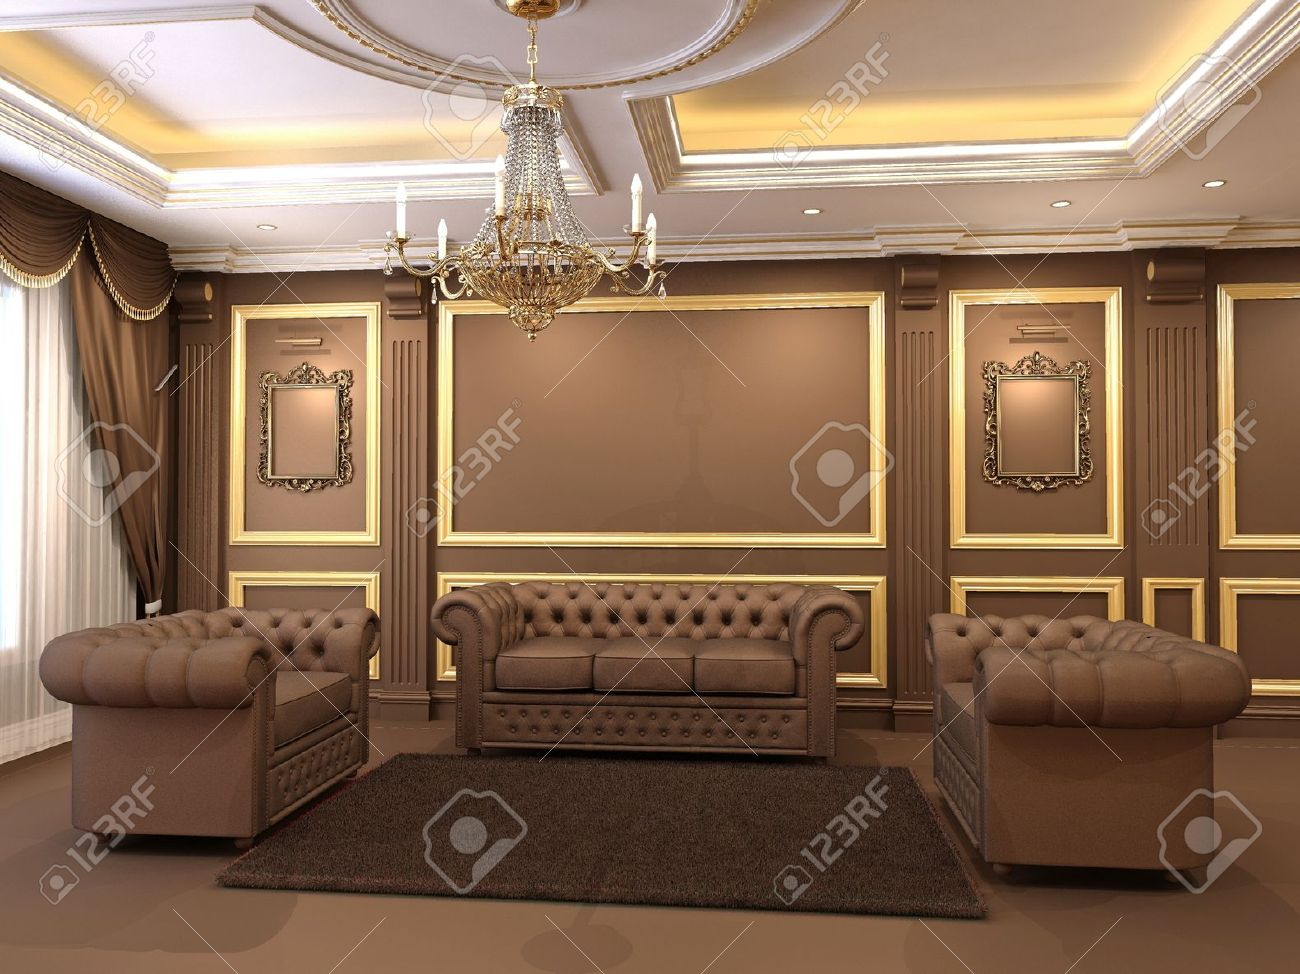 Luxe De Oro Decorativo Y Moderno Sof Con Sillones Chesterfield  ~ Techos Decorativos Para Interiores